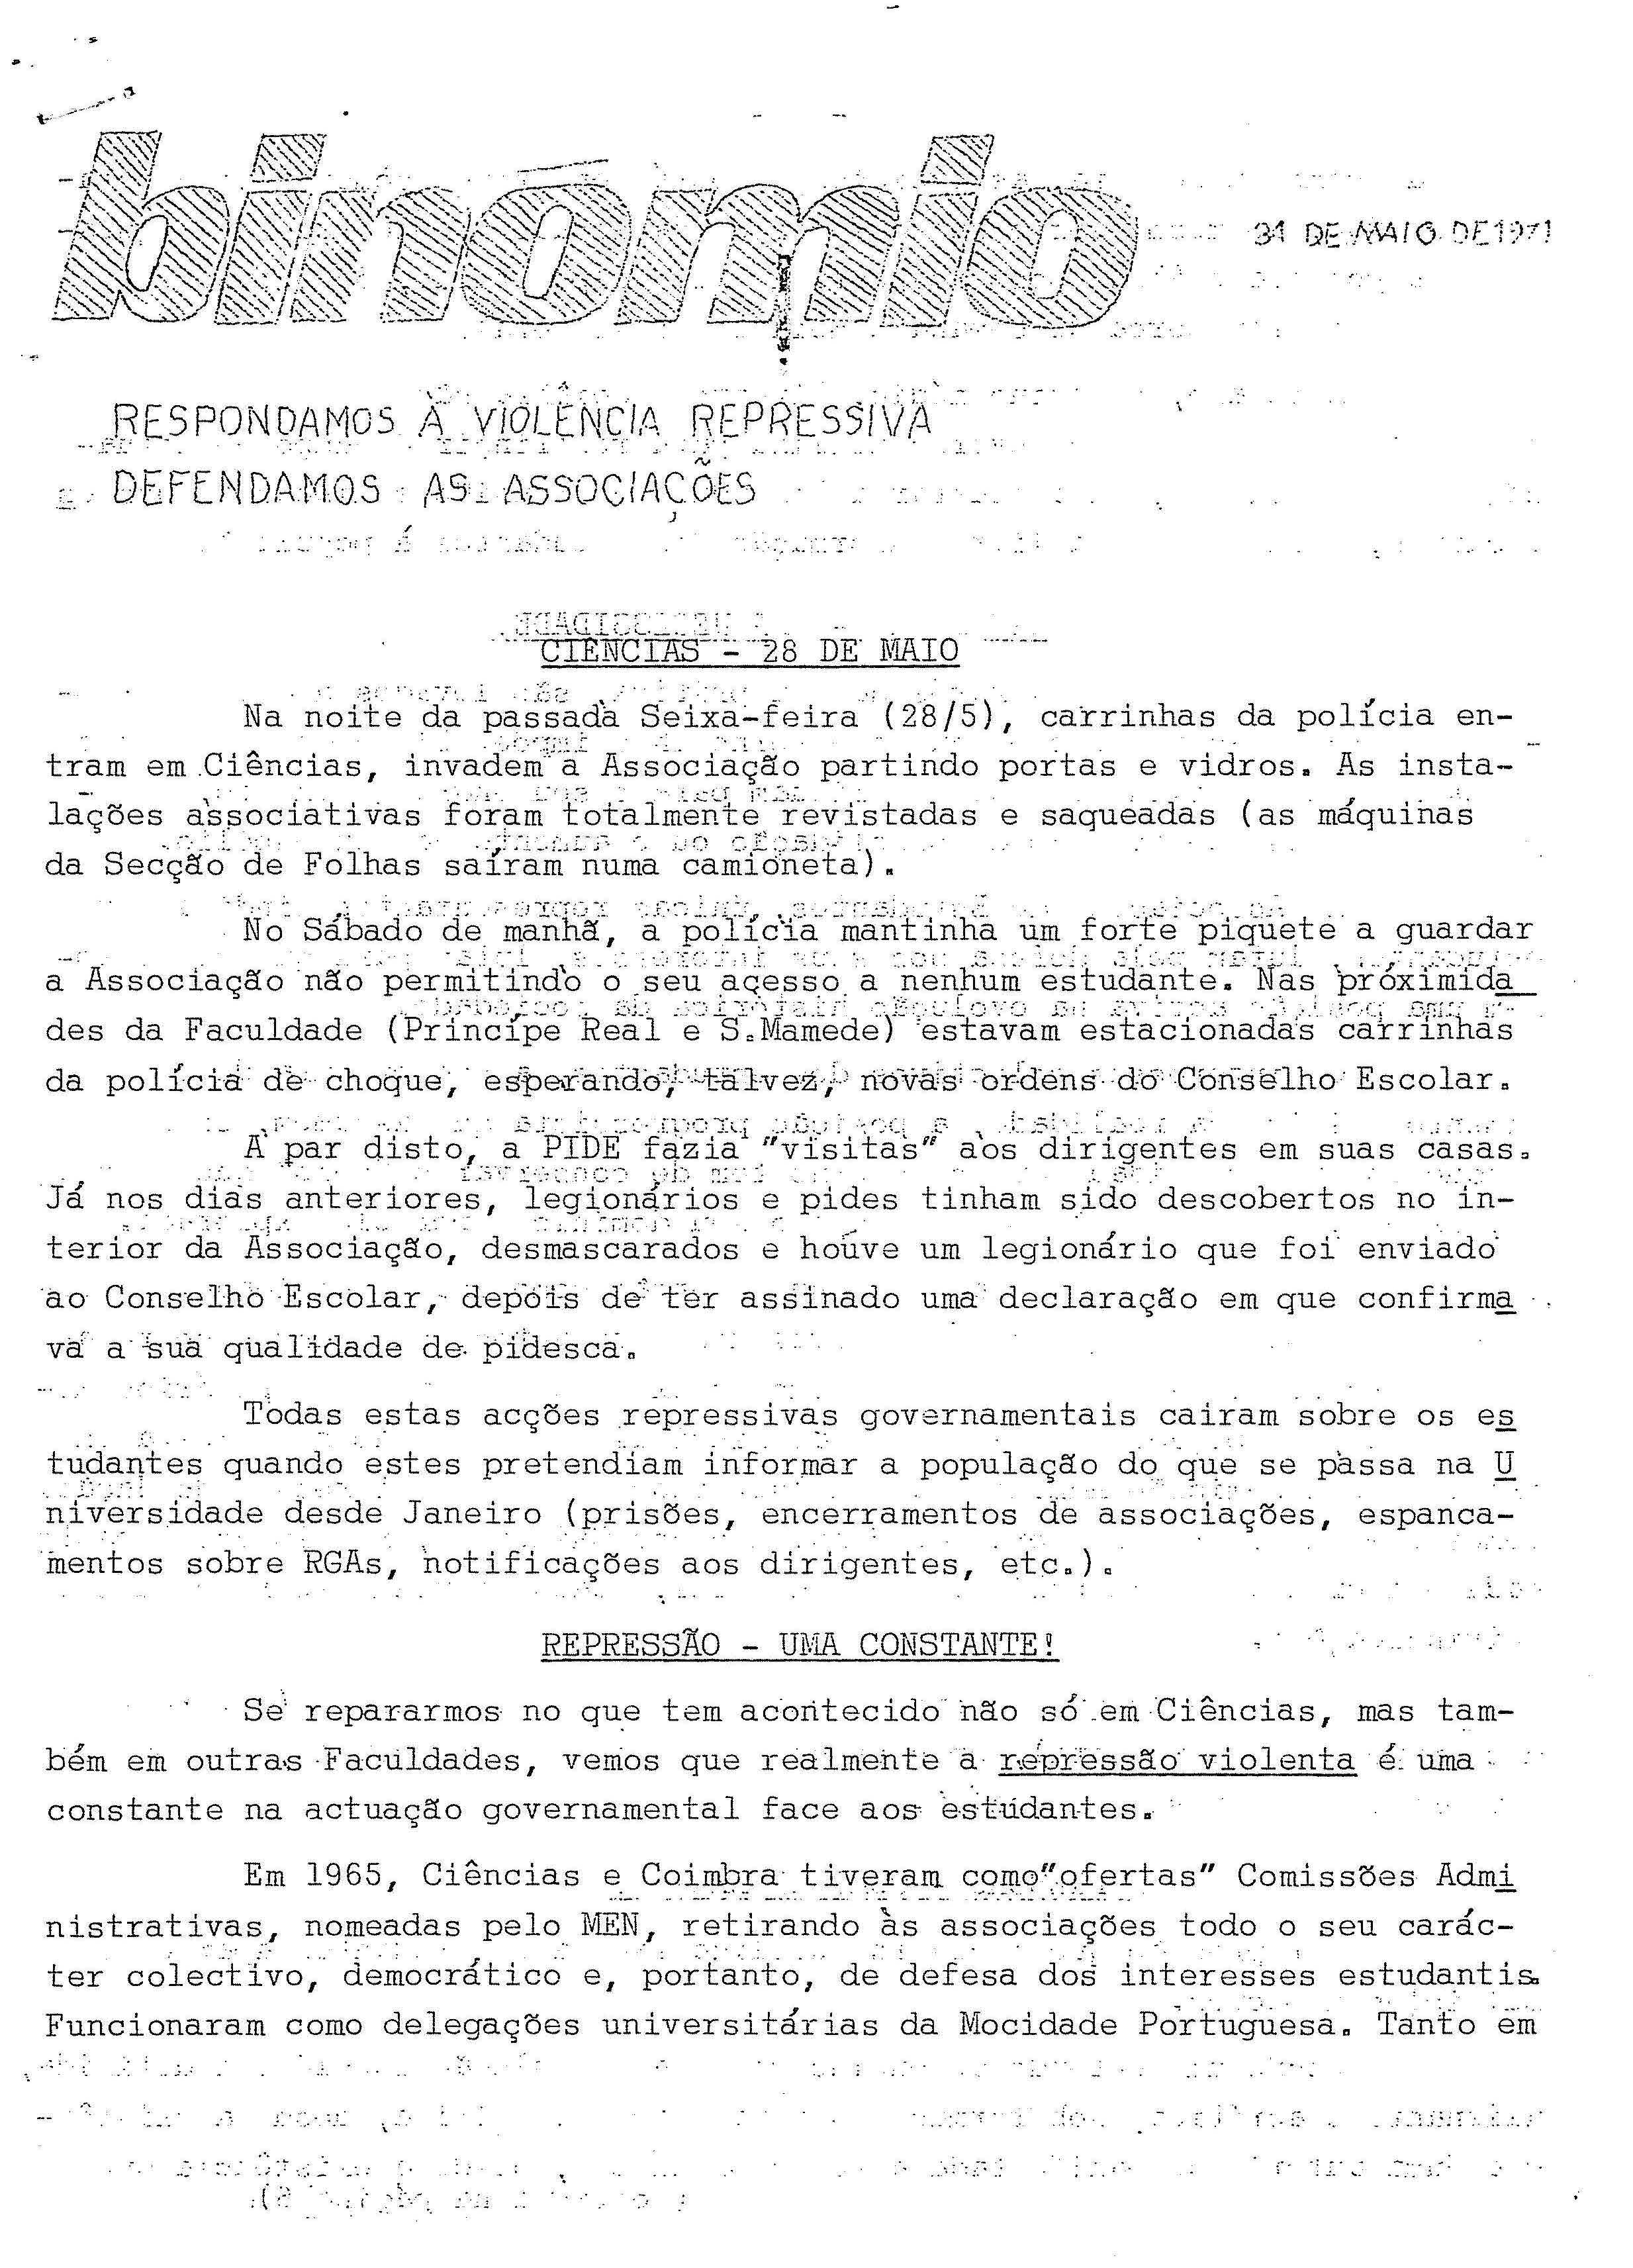 Copy of Binómio – 31-5-71